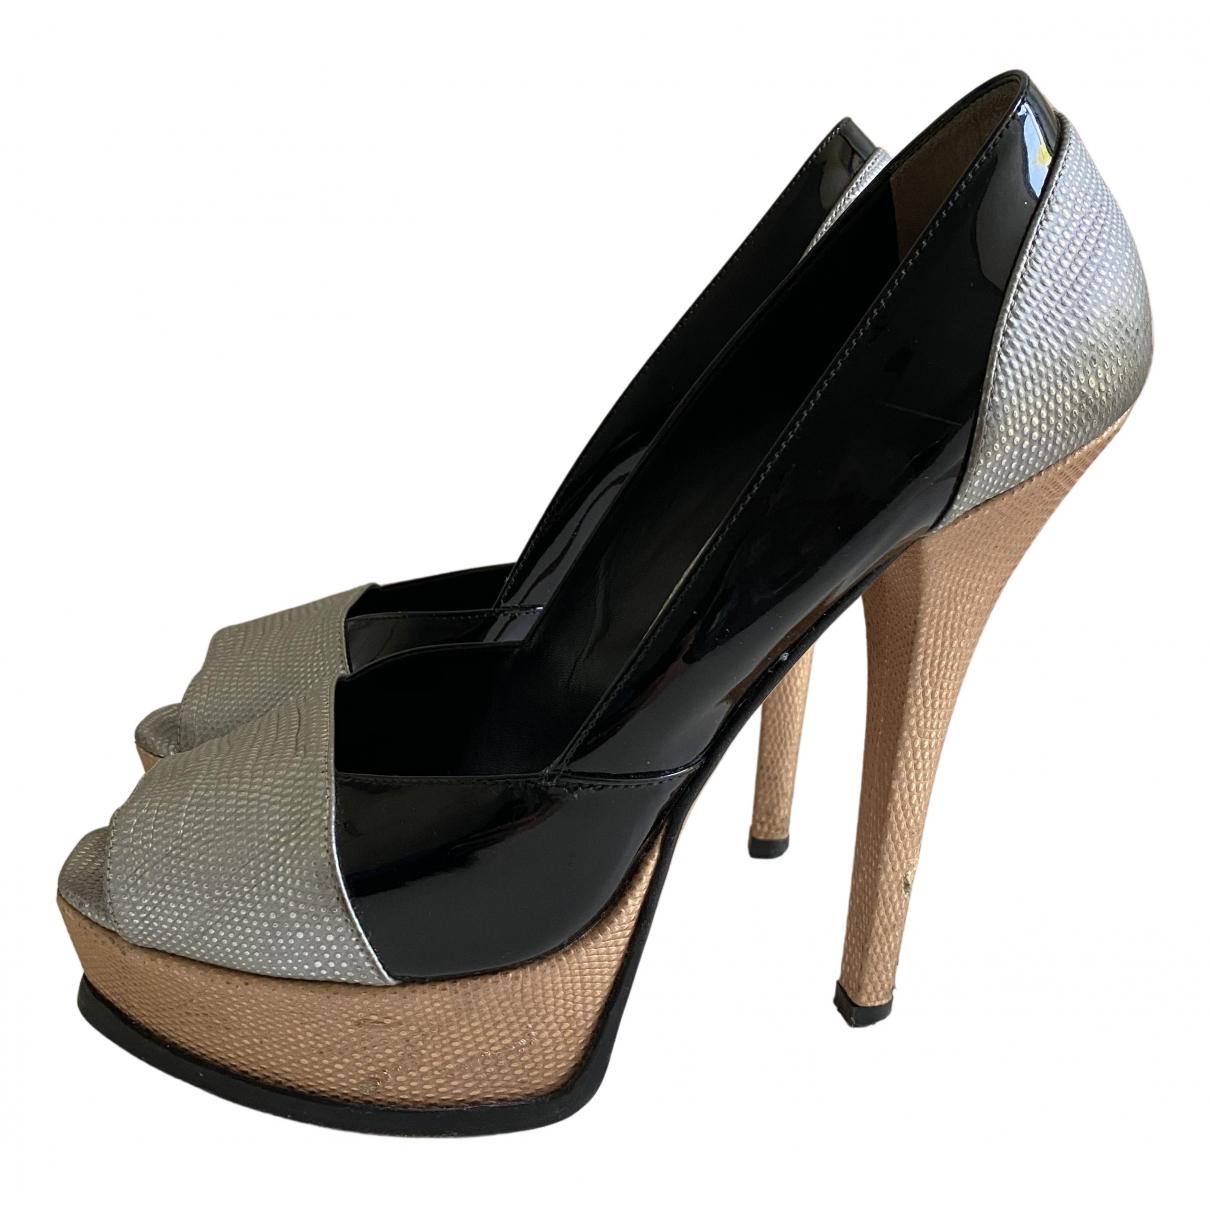 Fendi N Multicolour Leather Heels for Women 41 IT